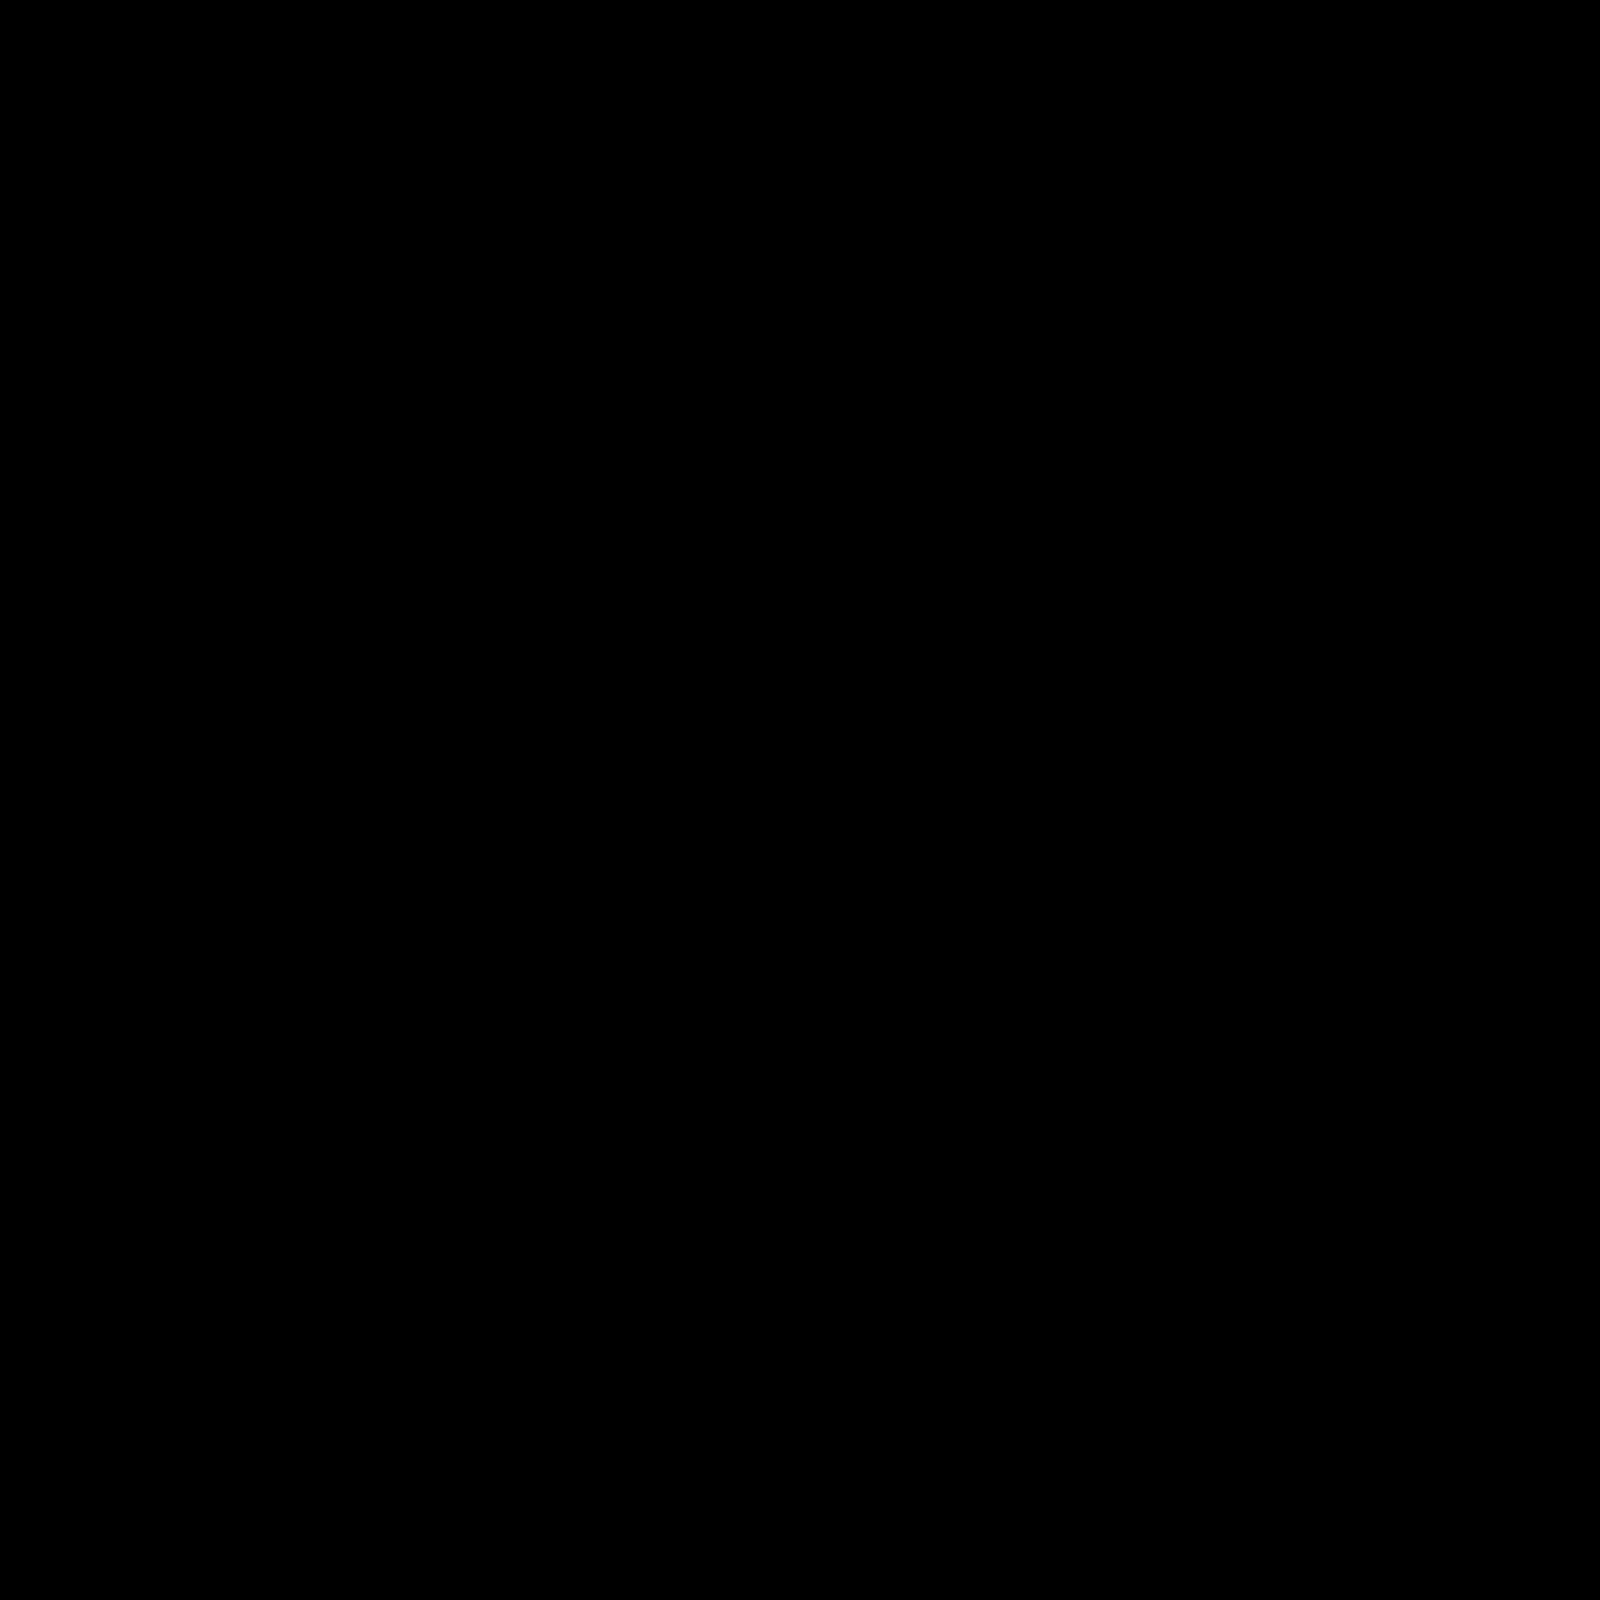 Katakana Shi icon